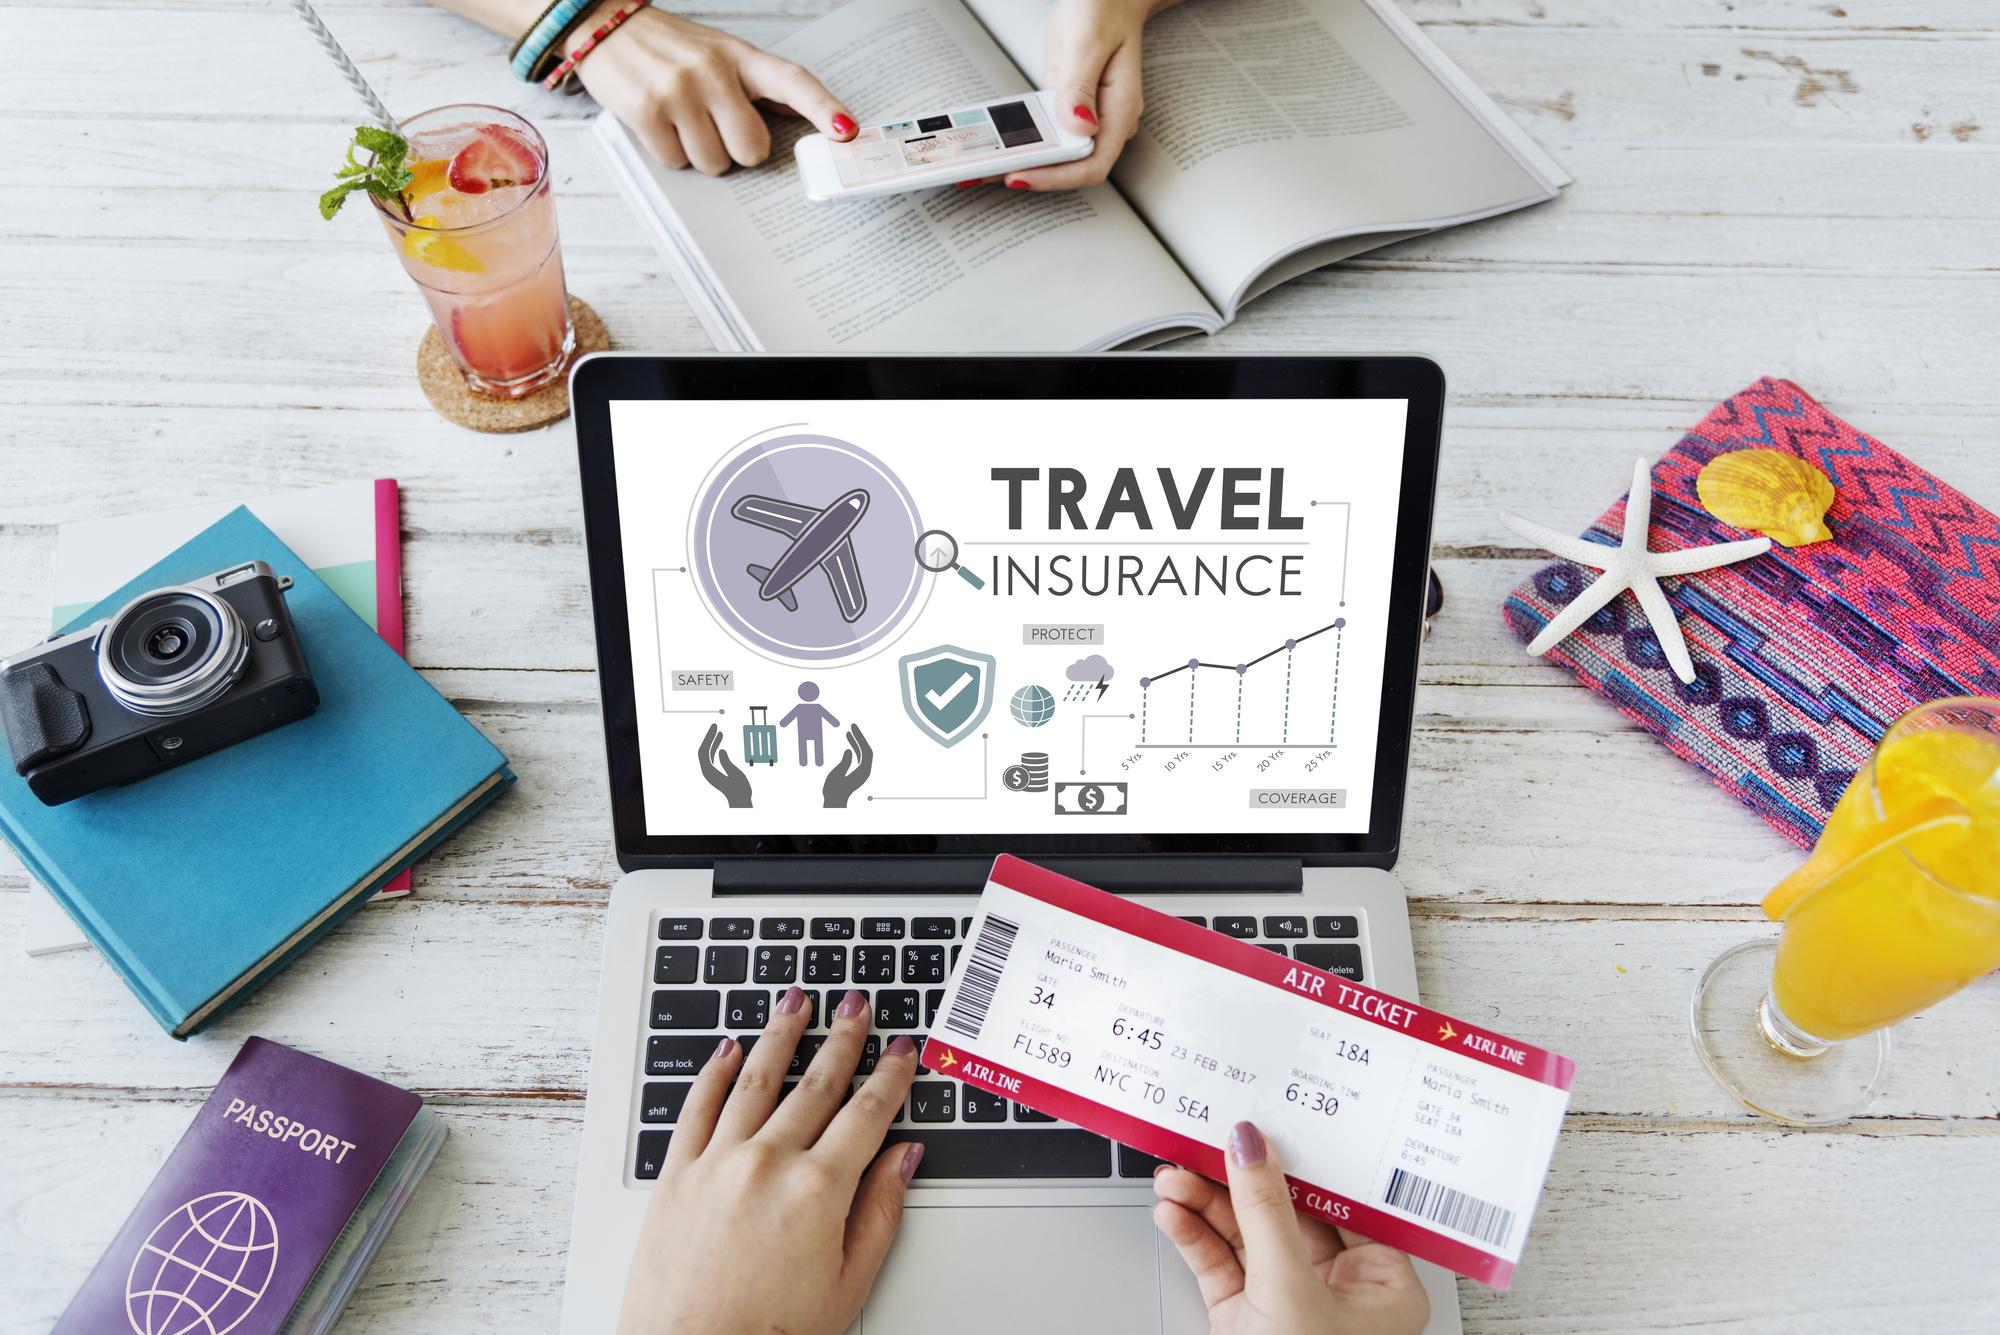 Derfor skal du købe rejseforsikring uden for dit eget forsikringsselskab